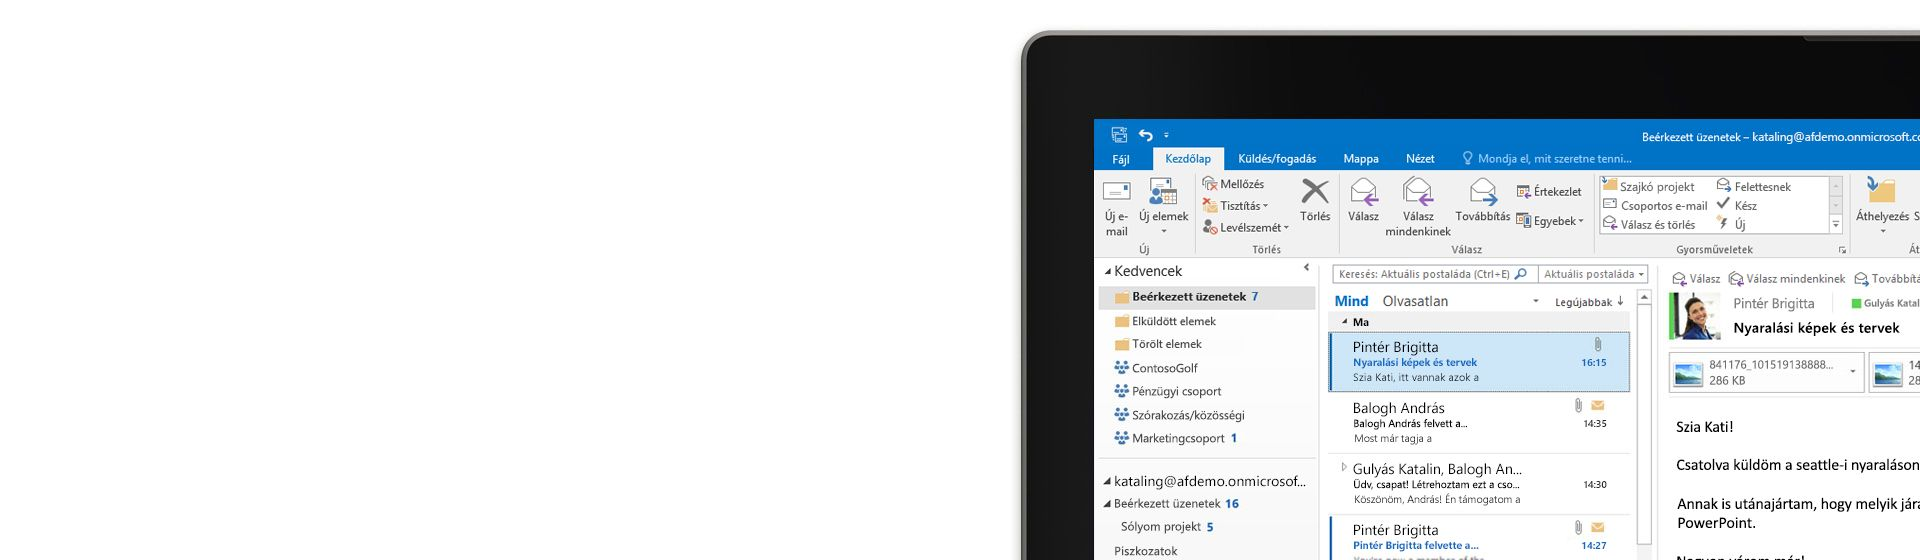 Táblagép, amelyen egy Microsoft Outlook 2016-postafiók látható üzenetlistával és betekintővel.